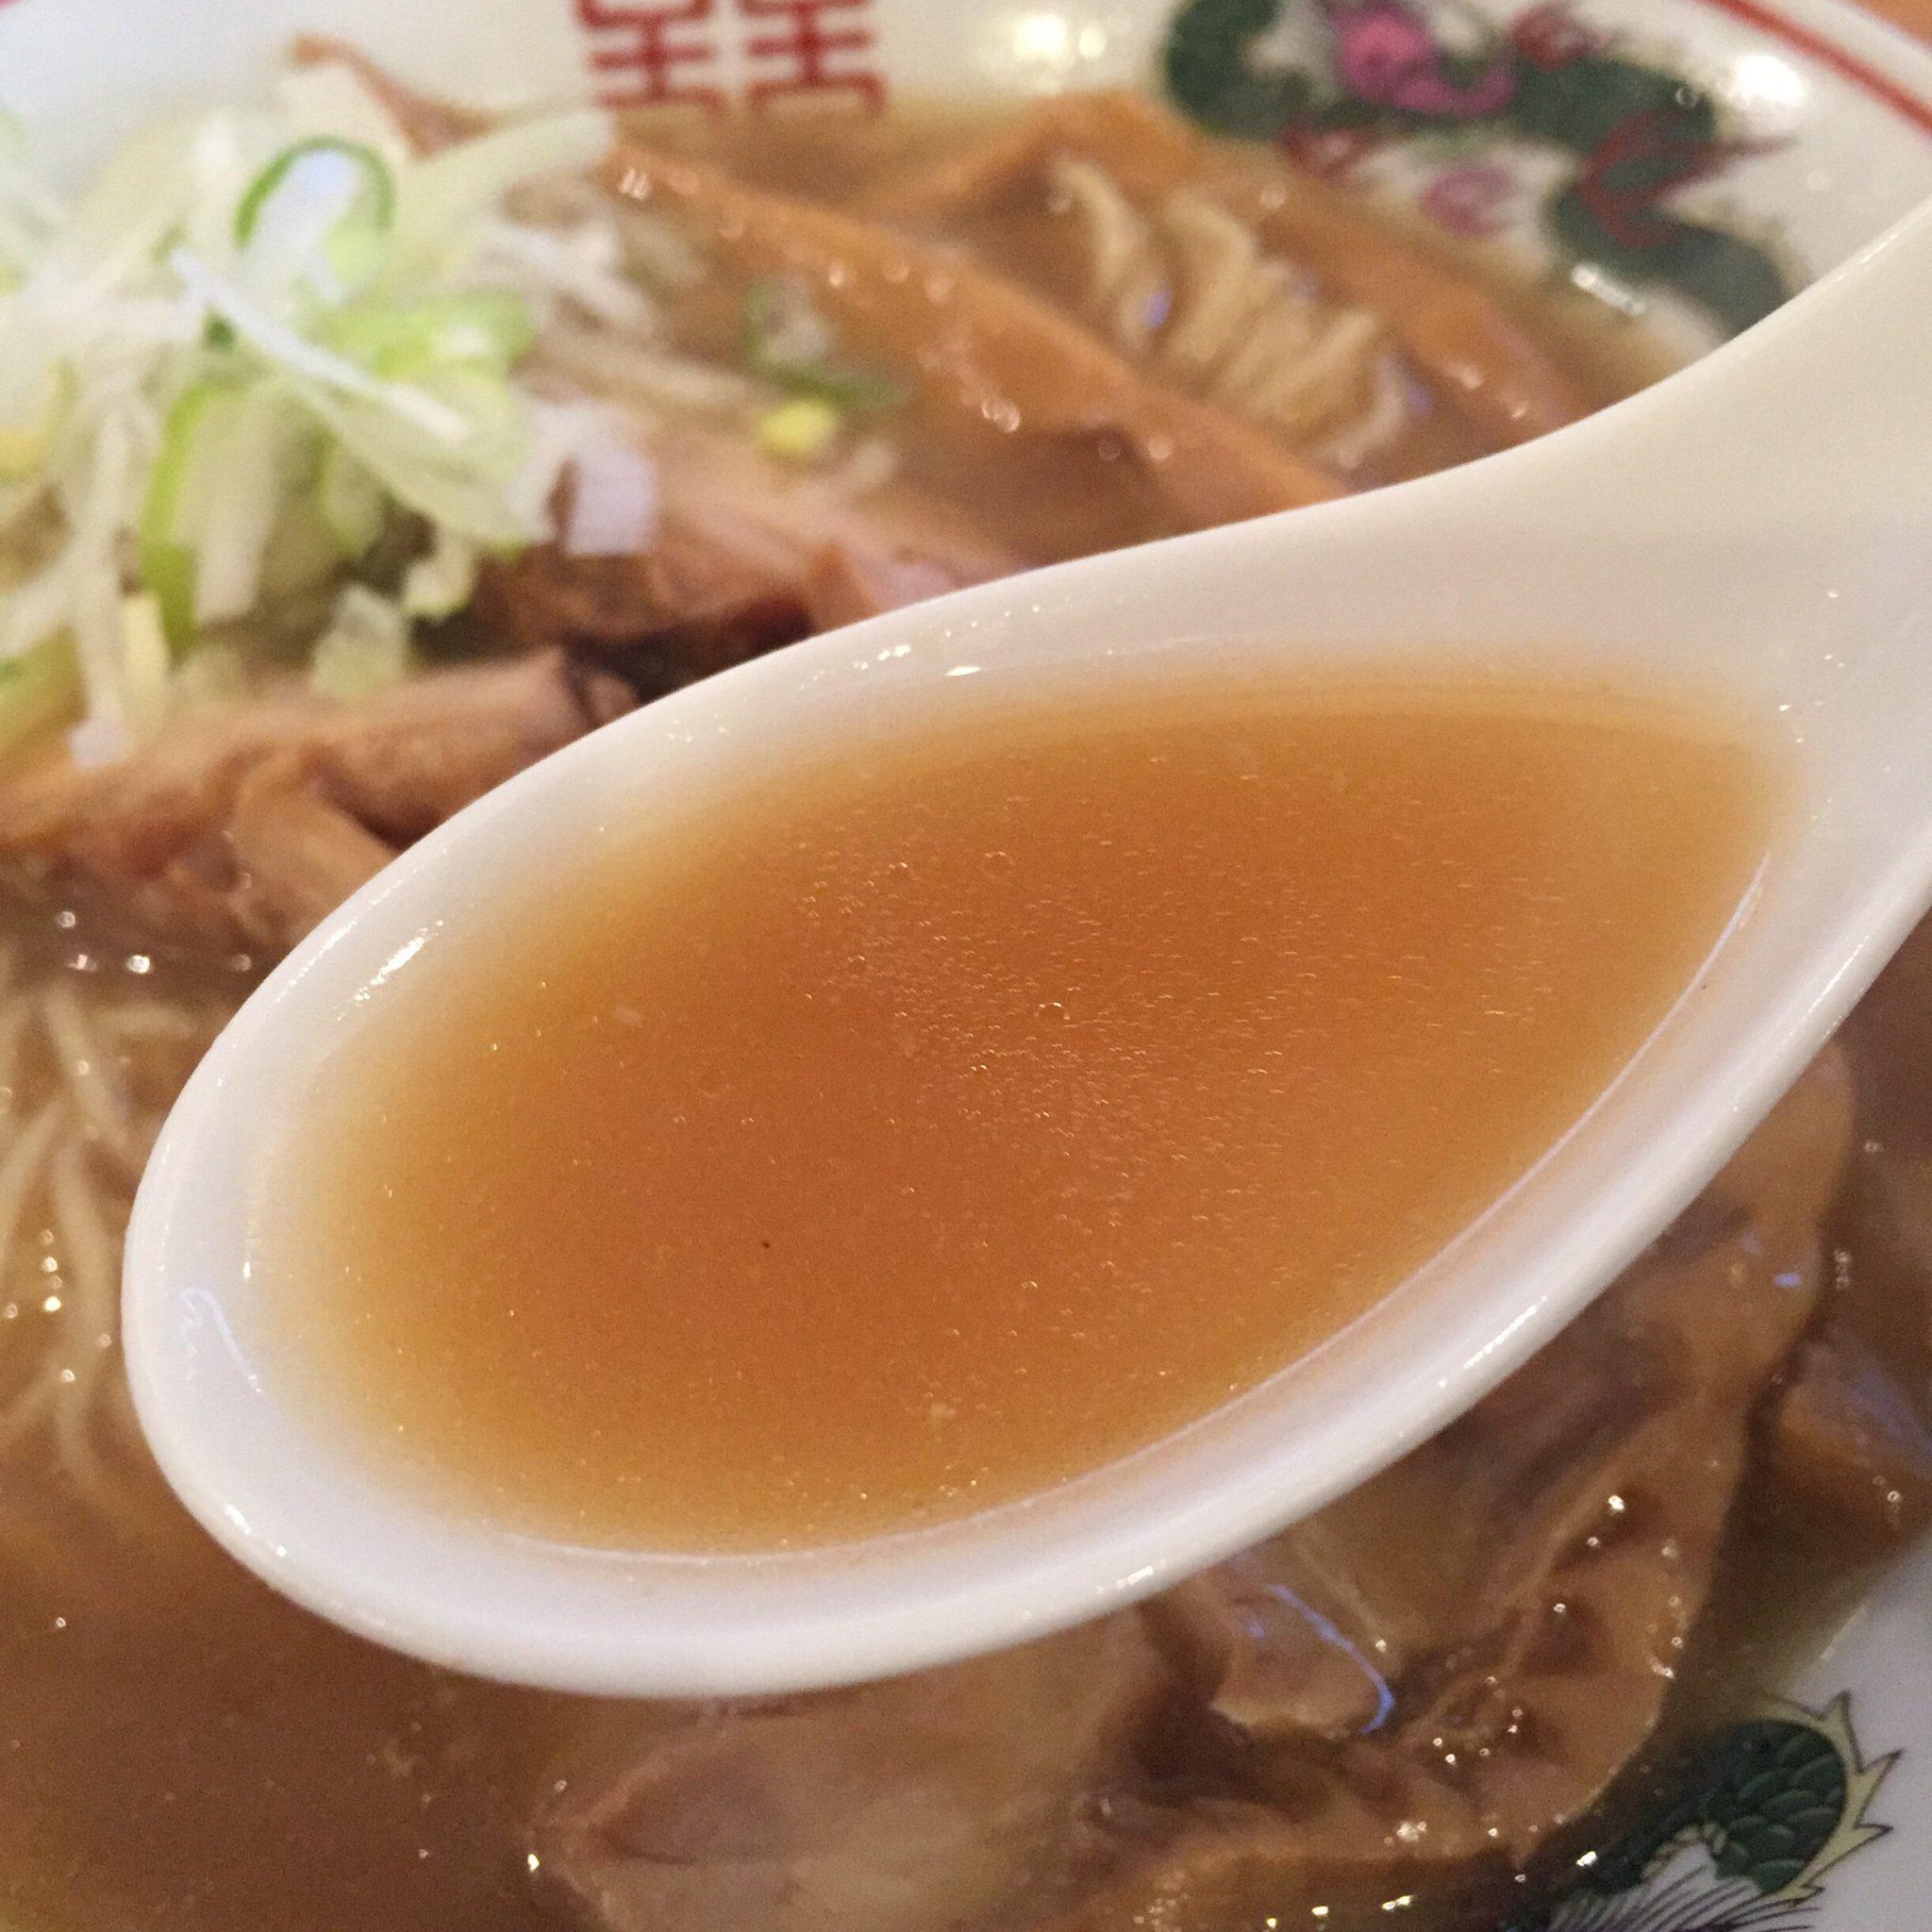 濃厚鶏ガラ 中華そば 東一(あずまいち) 出汁チャーシュー麺 出汁中華そば スープ